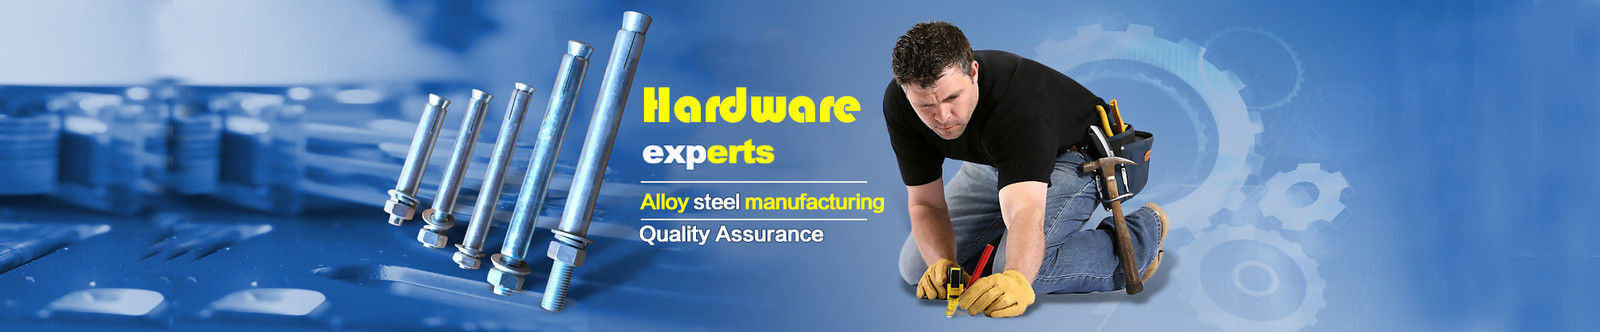 Pro_hardware Supplier